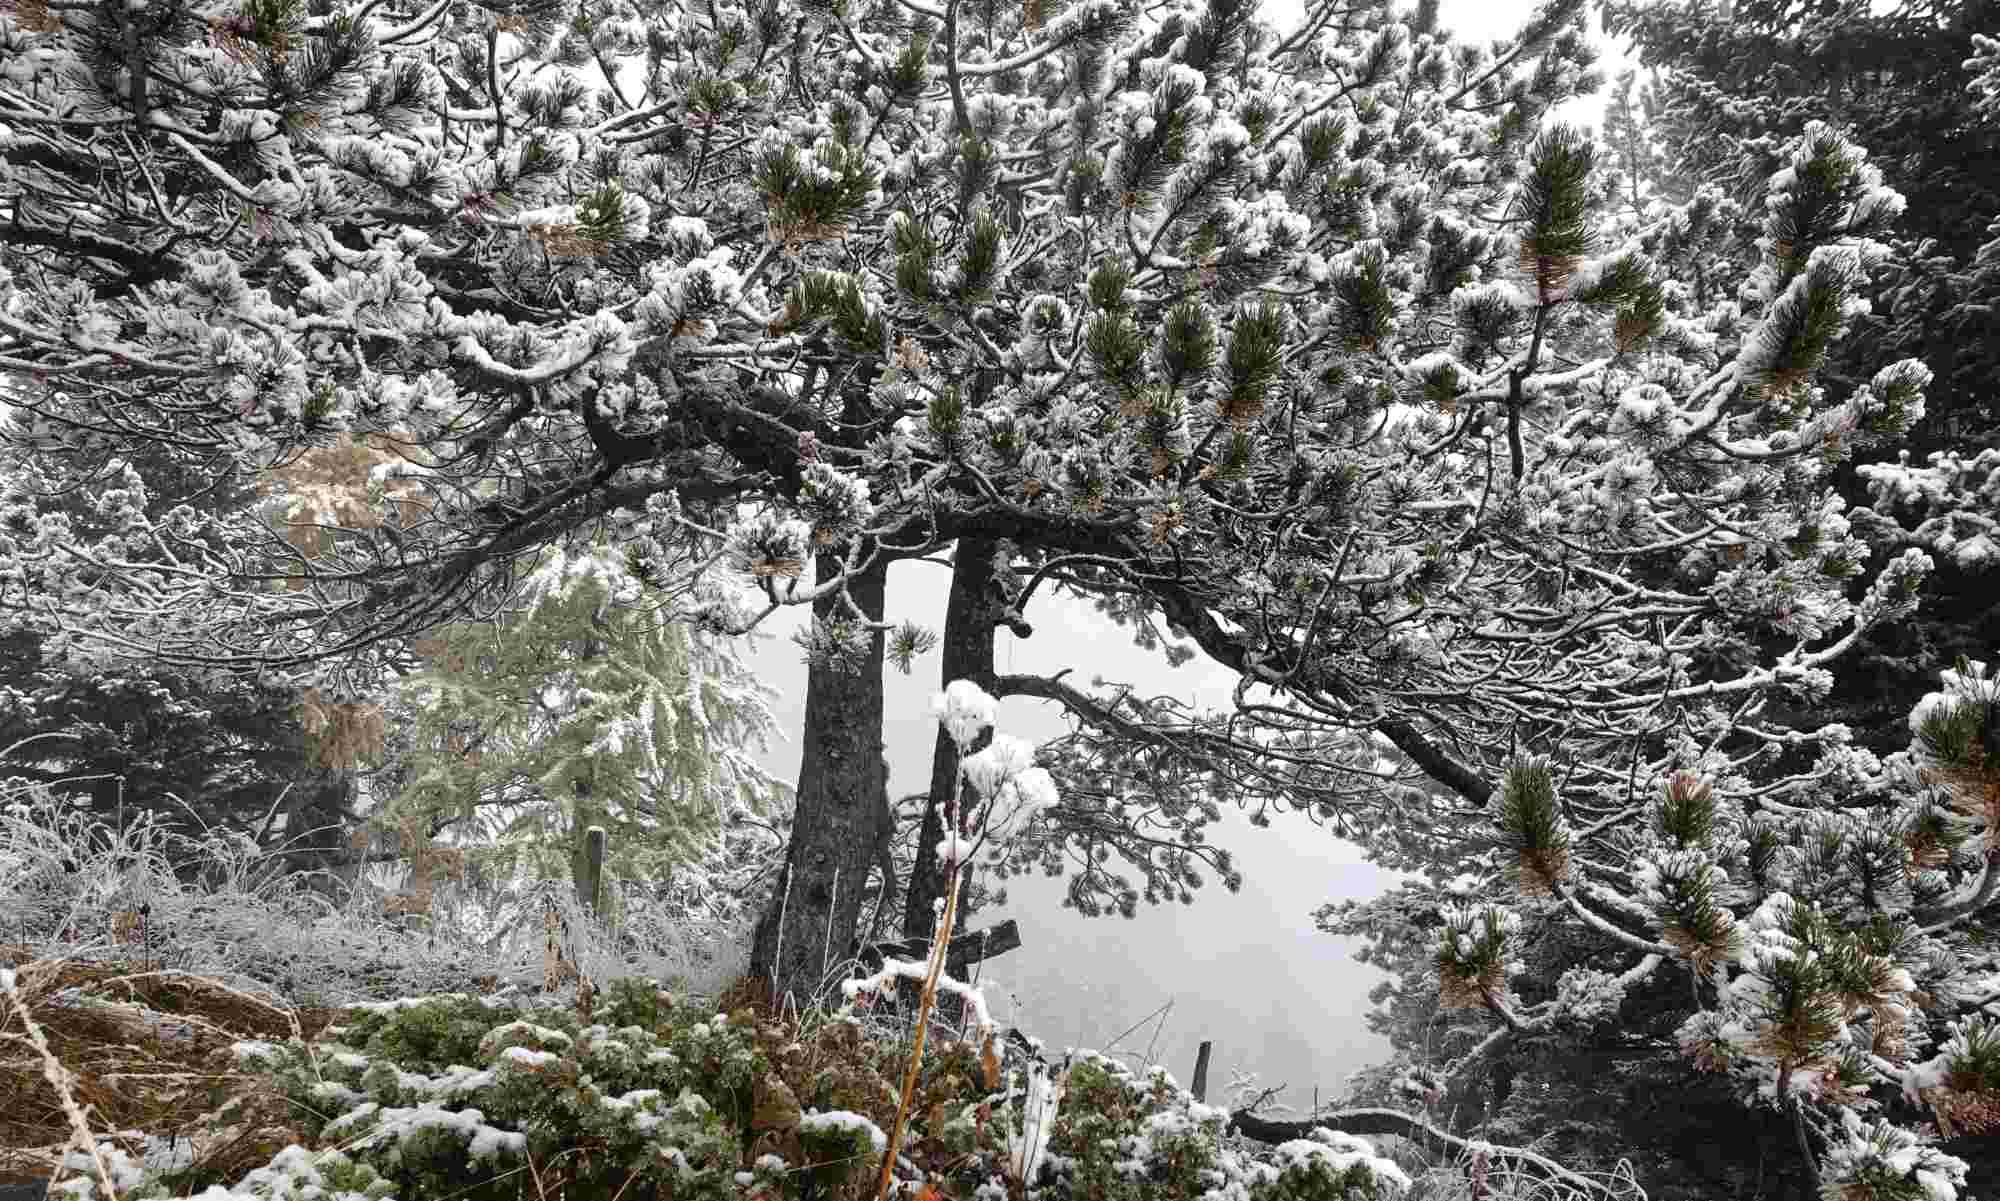 Baum im Nebel, Sunnbüel